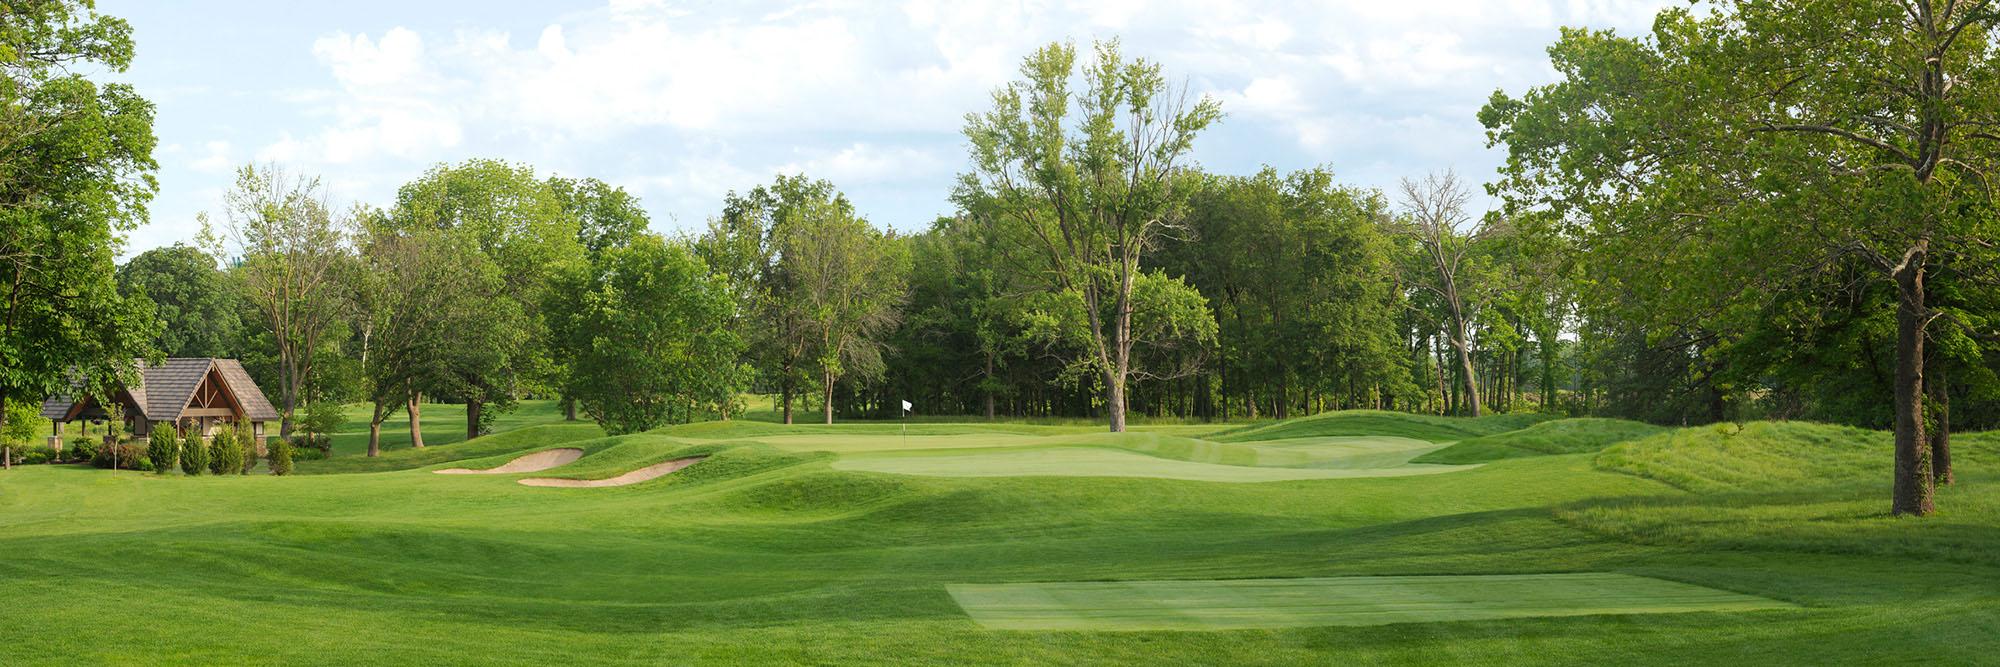 Golf Course Image - Loch Lloyd No. 5